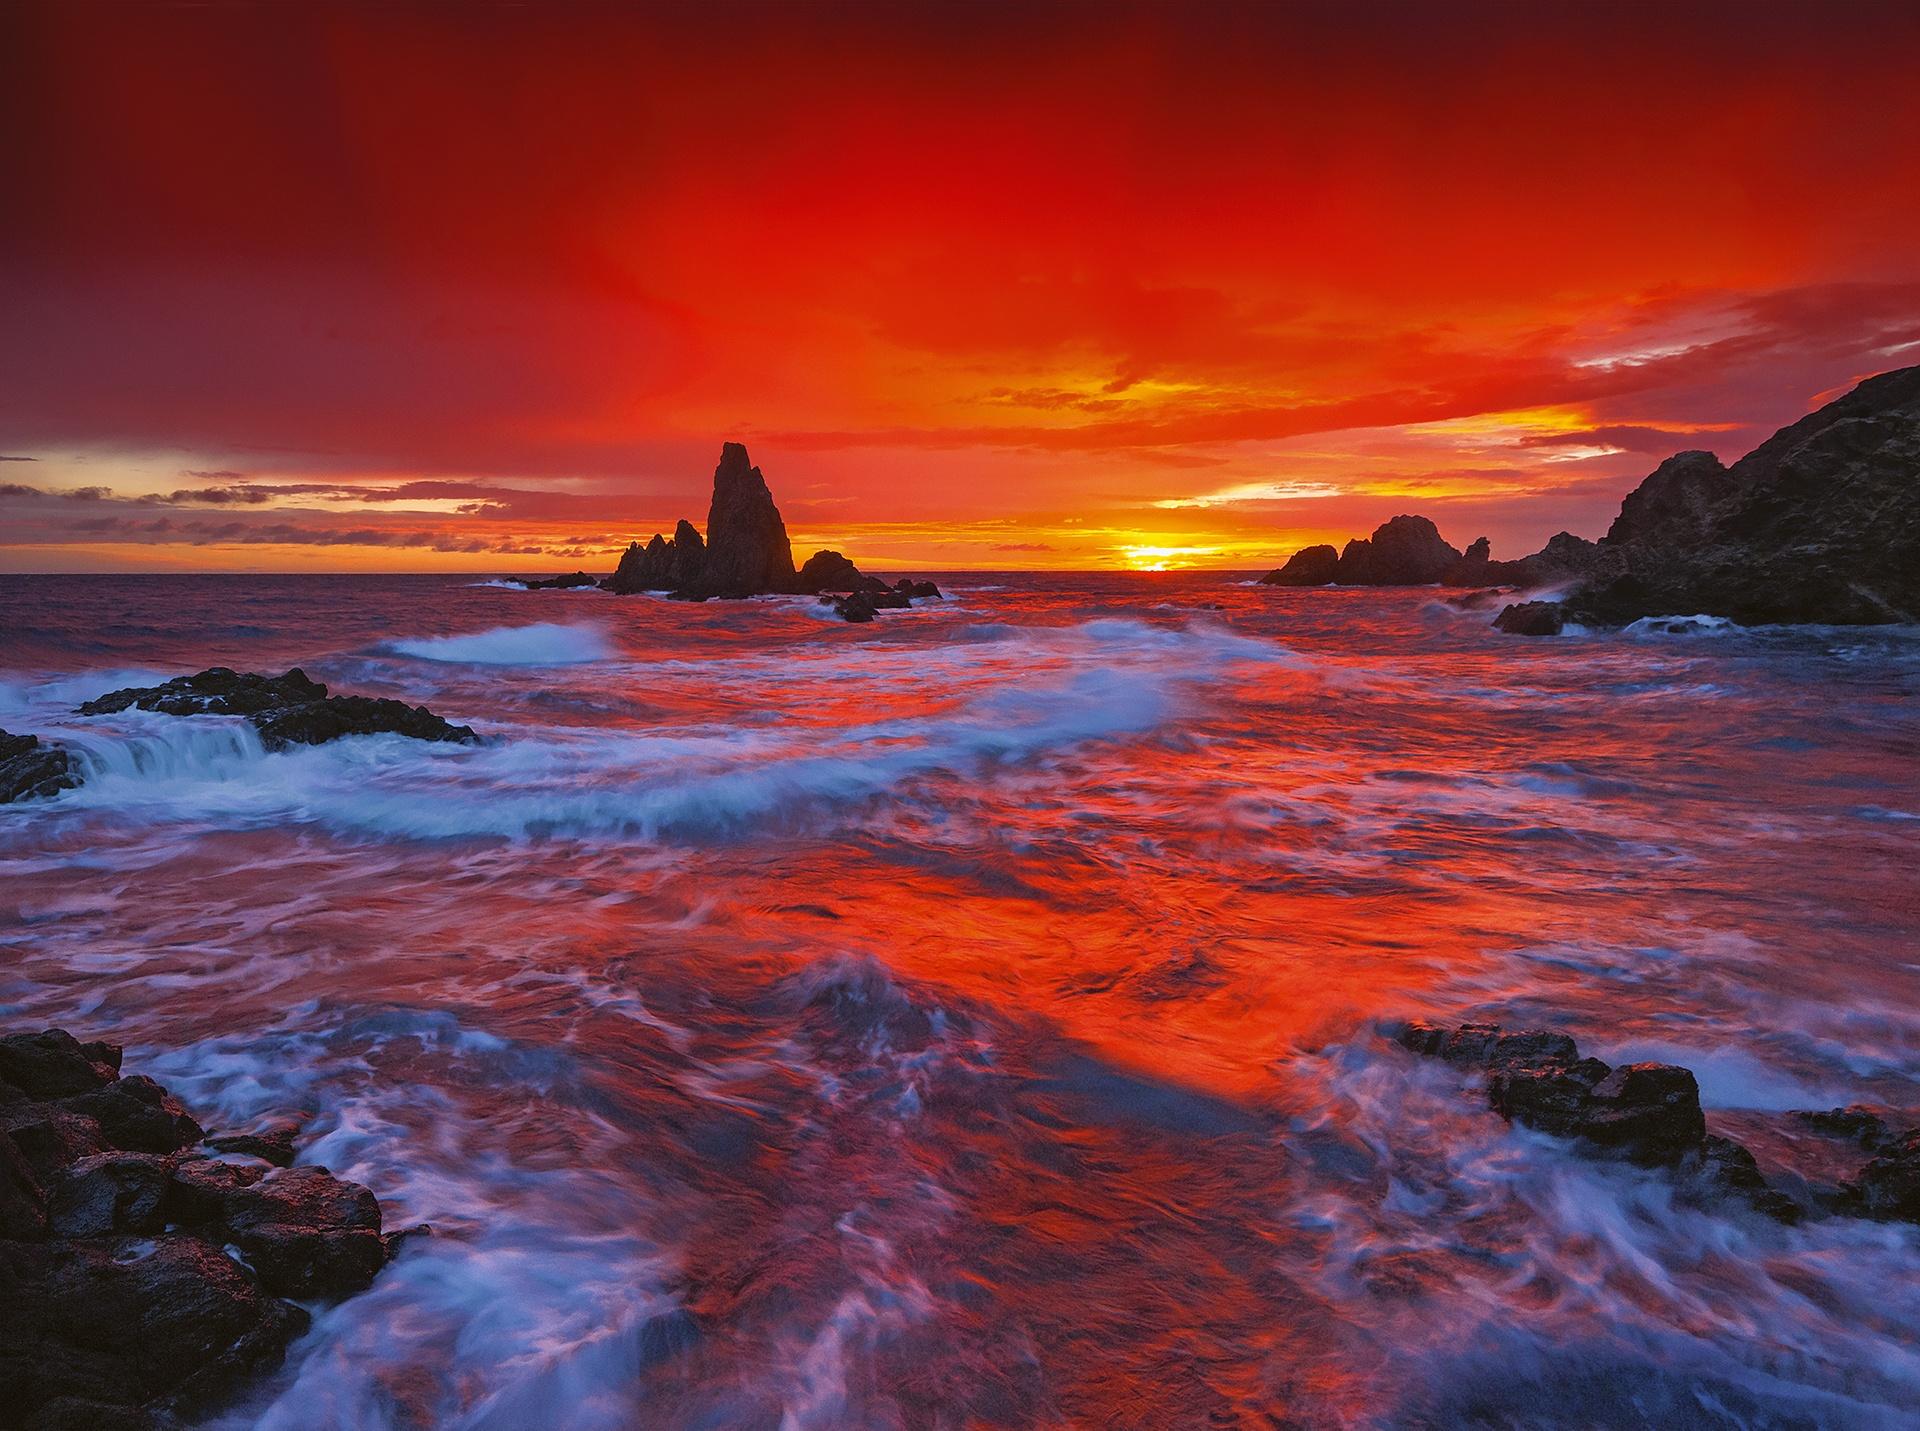 Cabo de Gata - On fire - Peter Manschot Al Andalus Photo Tour, Landscape photography photos prints workshops Andalusia Spain